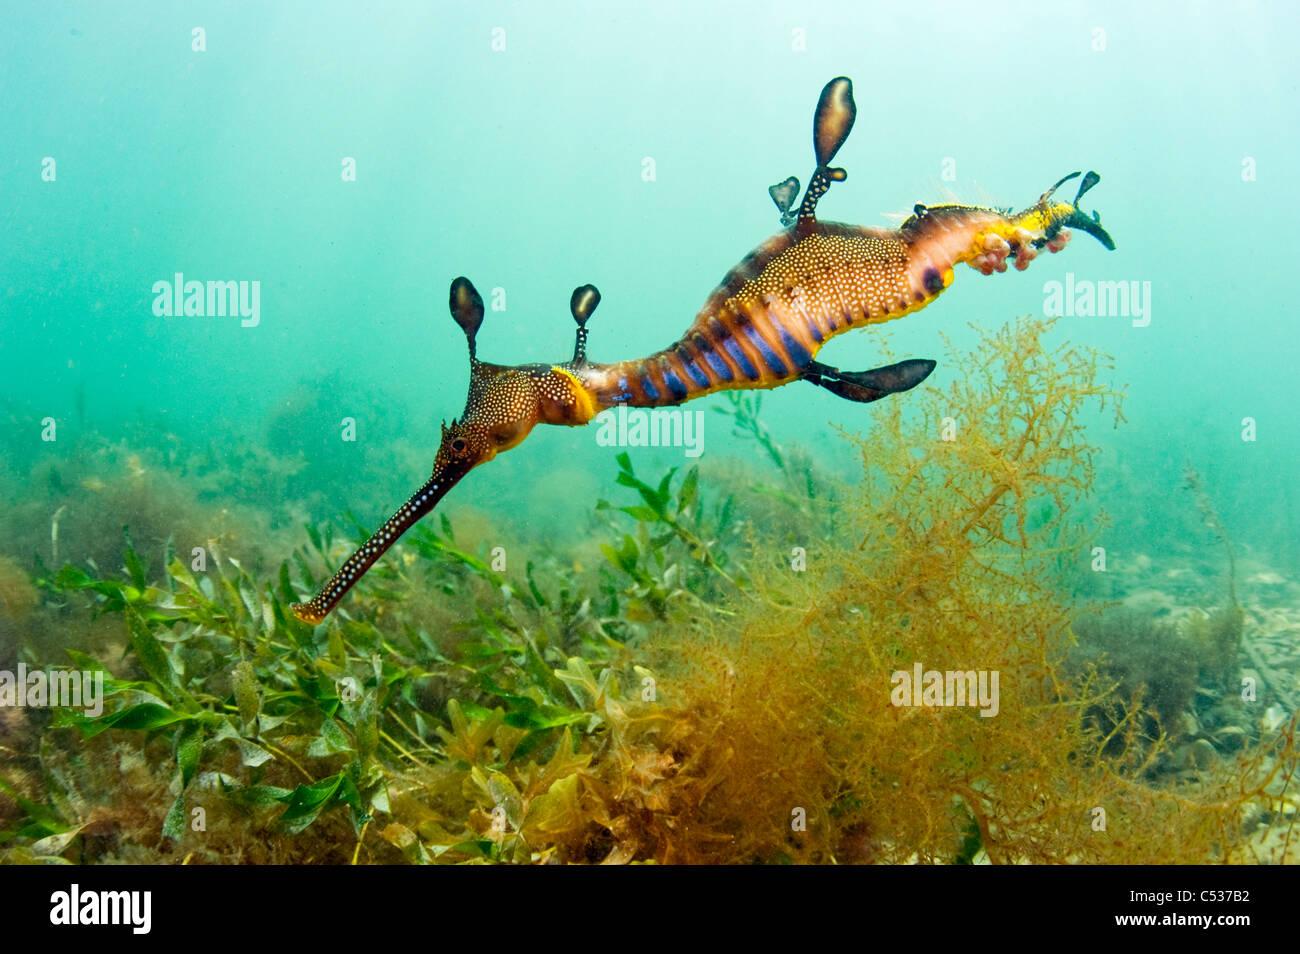 Una maleza o dragón de mar común (Phyllopteryx taeniolatus) nadando entre las algas alrededor del embarcadero Imagen De Stock